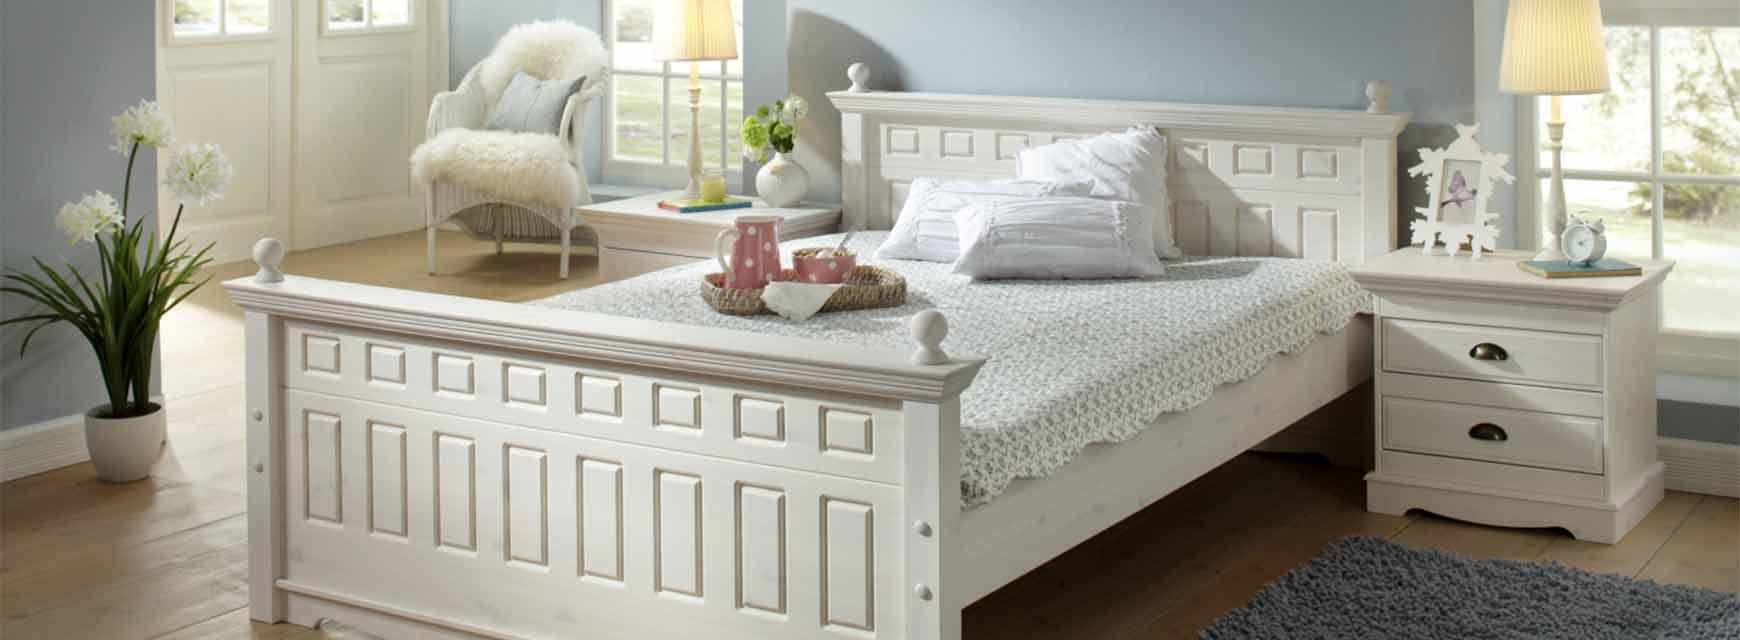 Full Size of Stauraumbett 200x200 Stauraum Bett Mit Bettkasten Betten Weiß Komforthöhe Wohnzimmer Stauraumbett 200x200